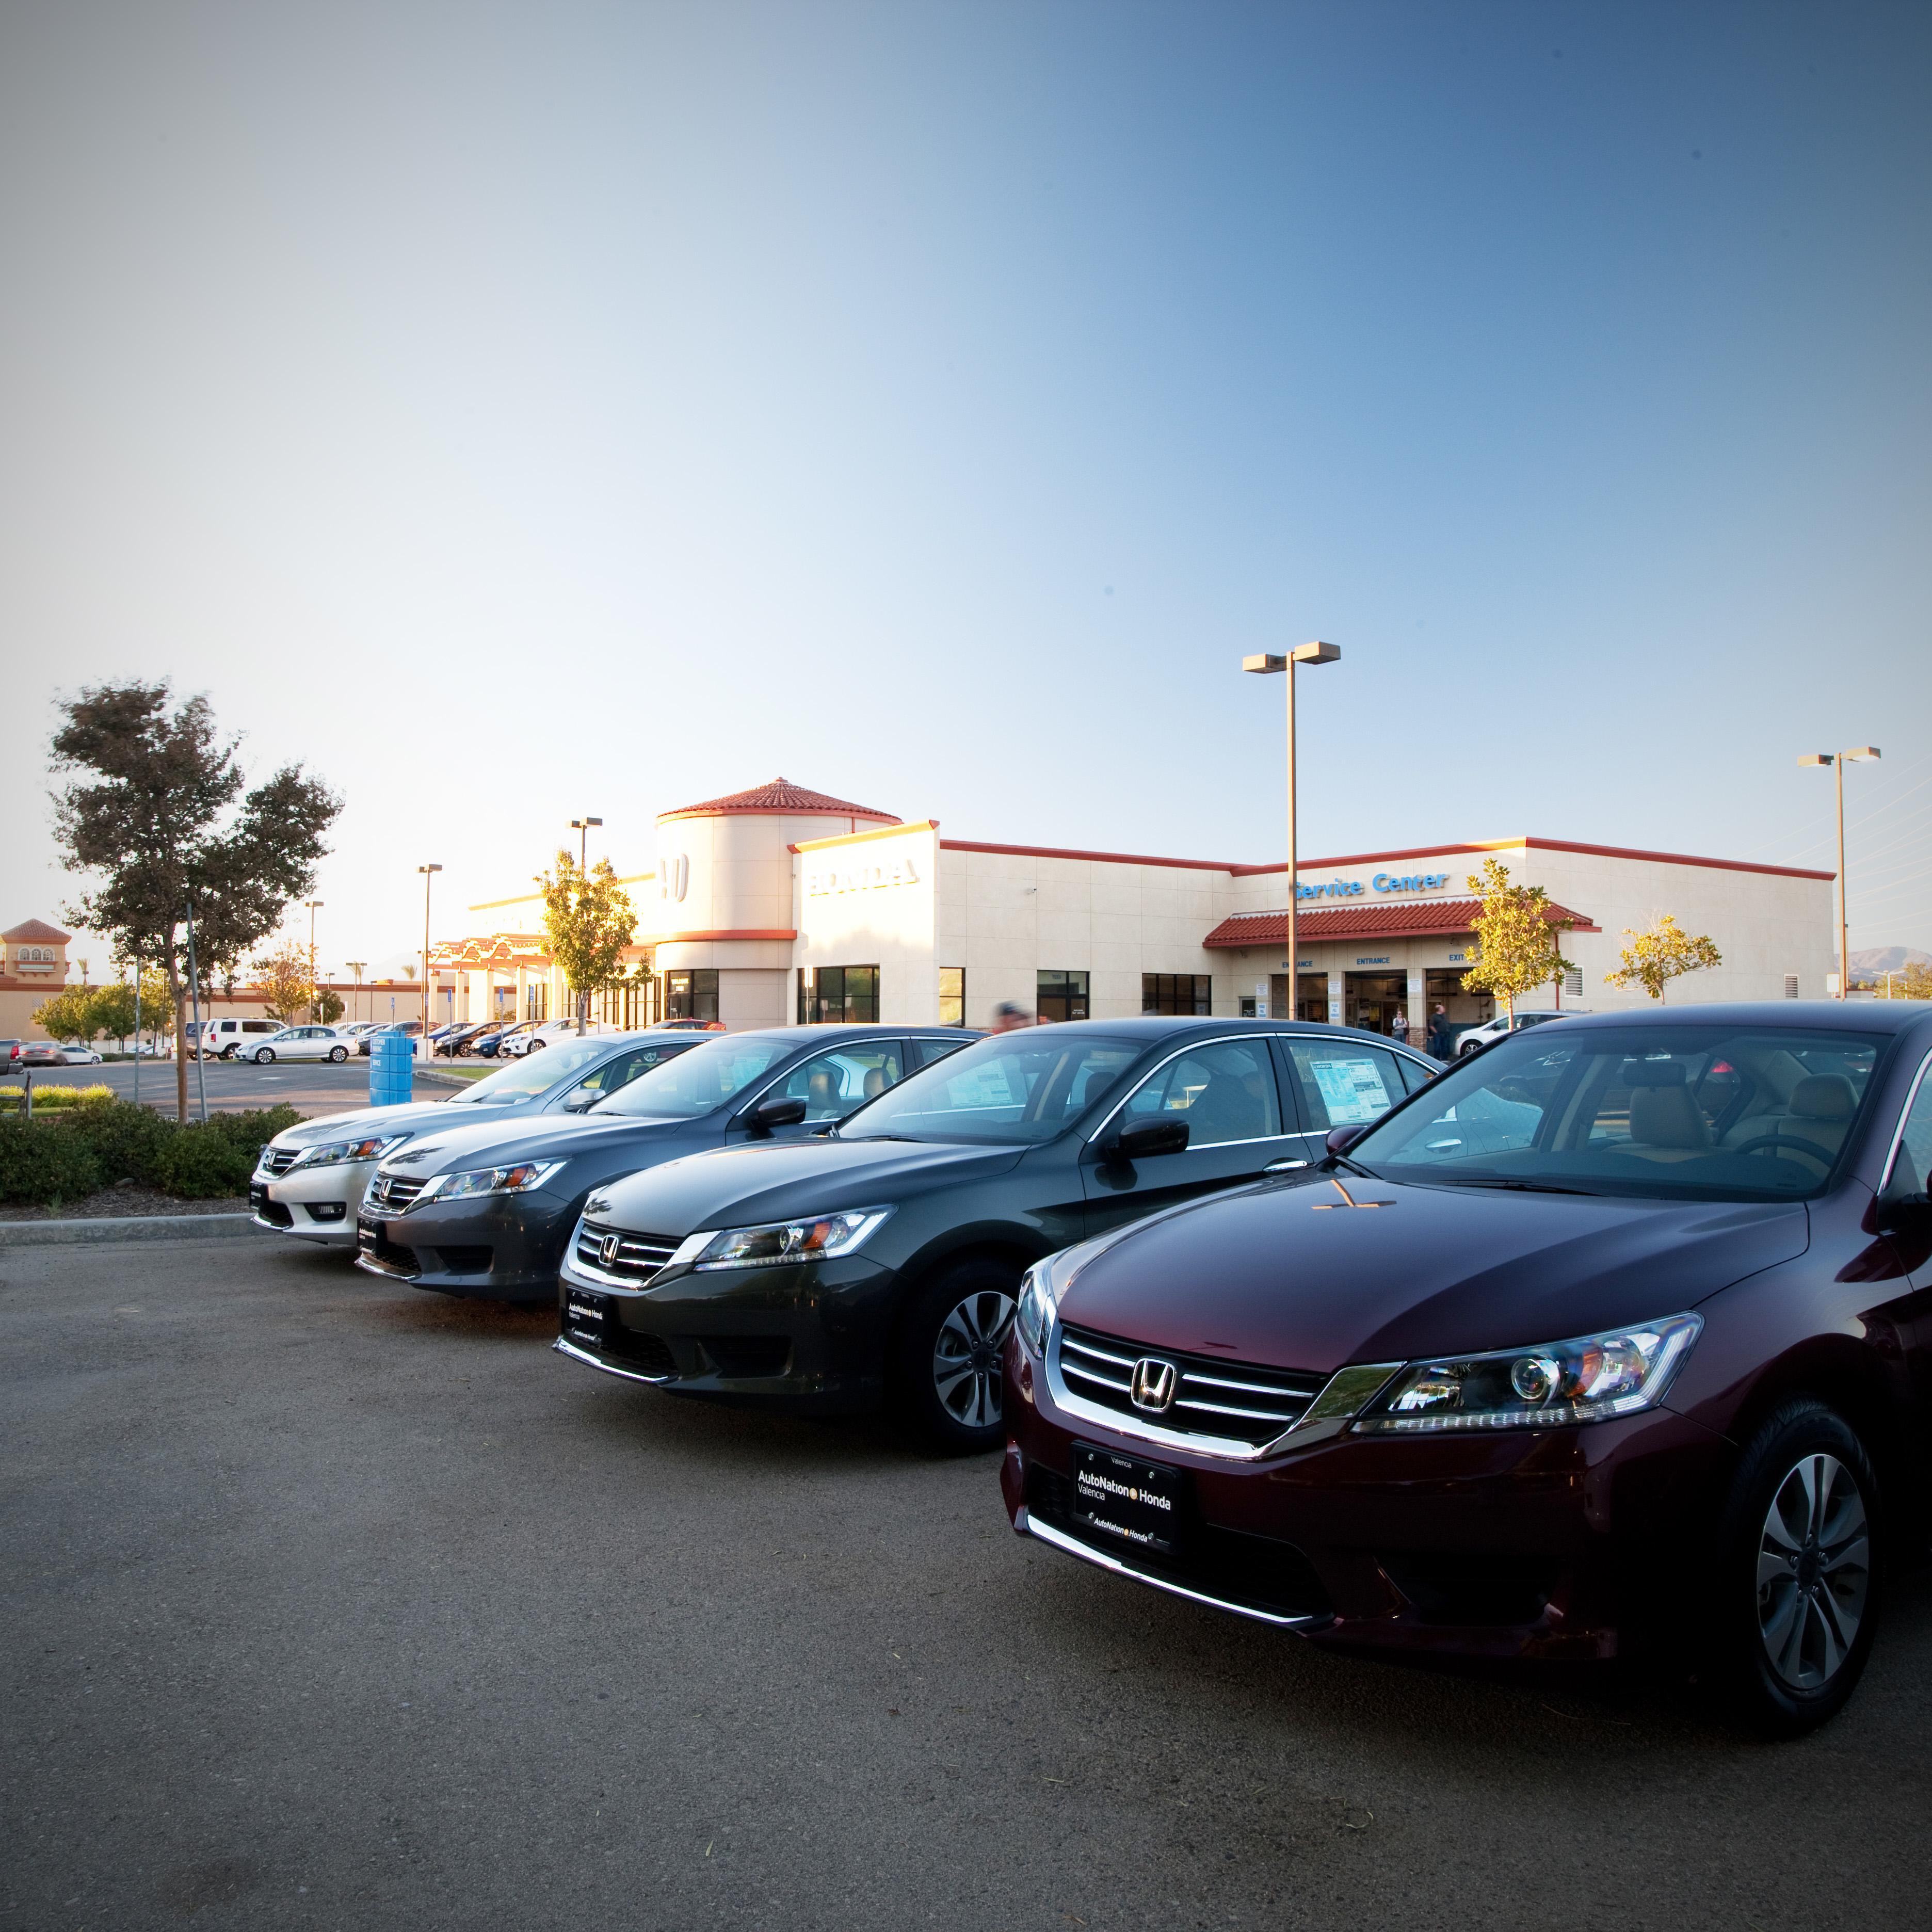 AutoNation Honda Valencia, Valencia California (CA